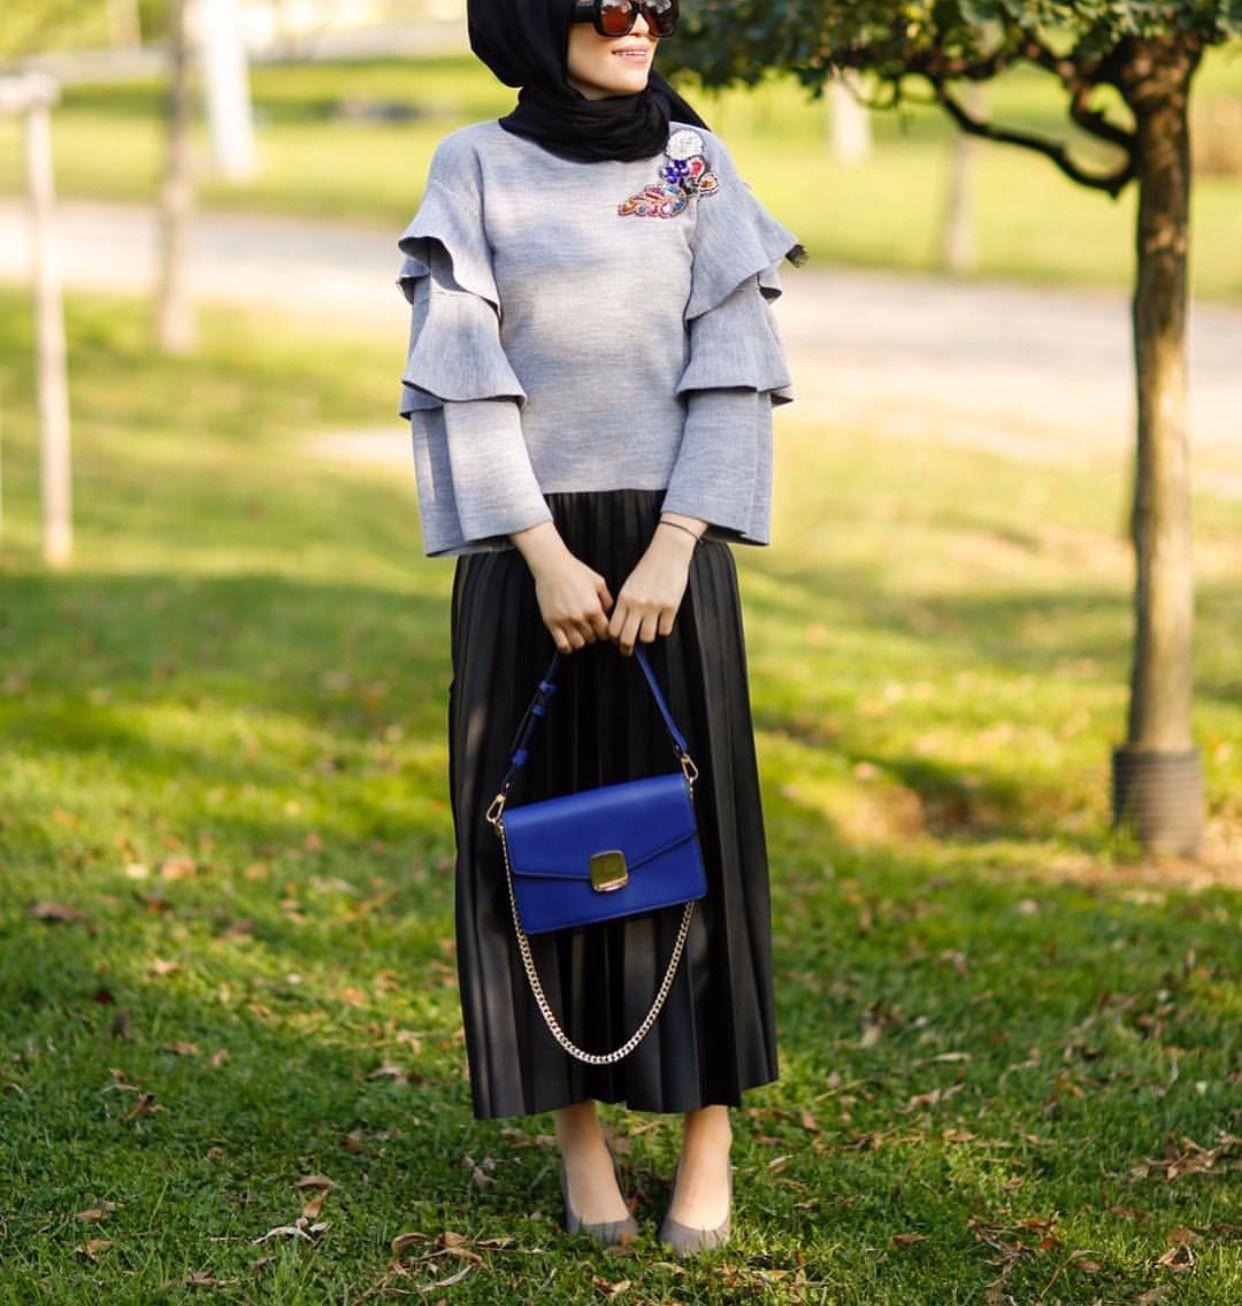 أحدث صيحات موضة ملابس شتاء 2021- البلوزة ذات الأكمام الواسعة